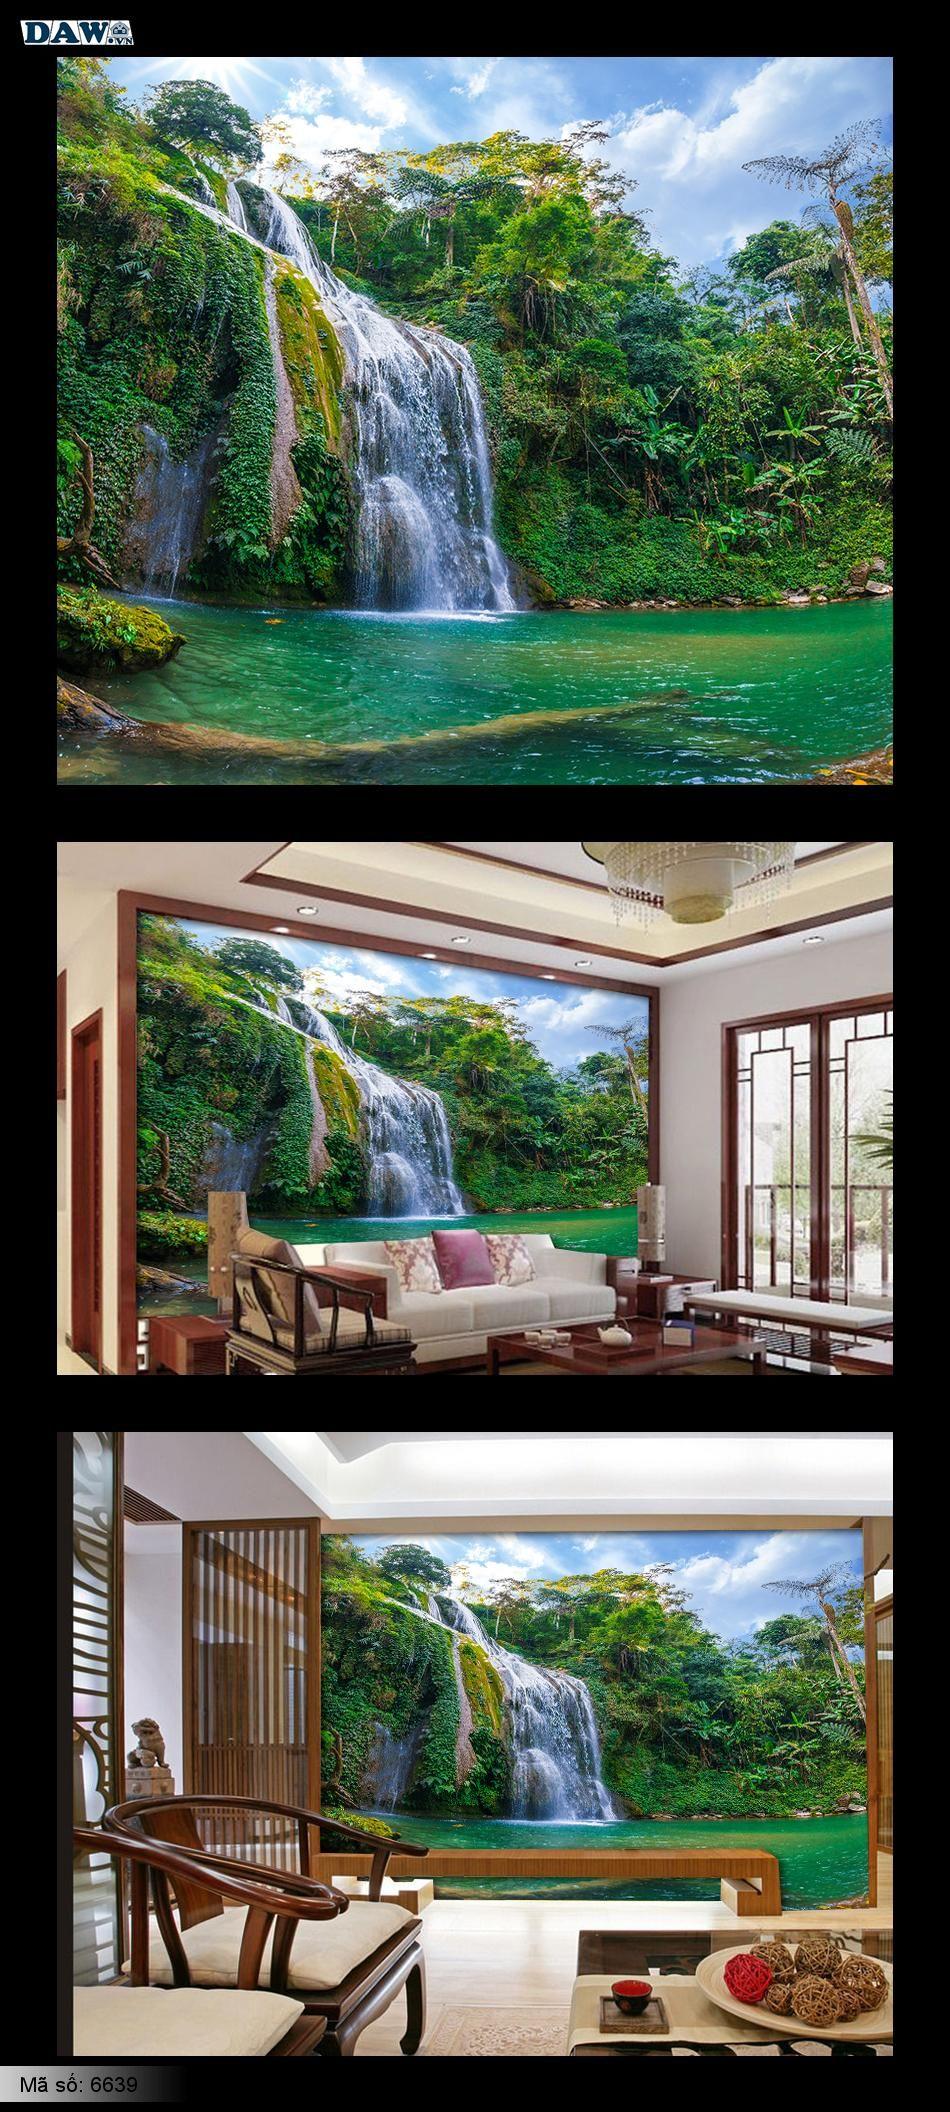 Tranh dán tường thác nước, thác nước đẹp, tranh tường đẹp 6639